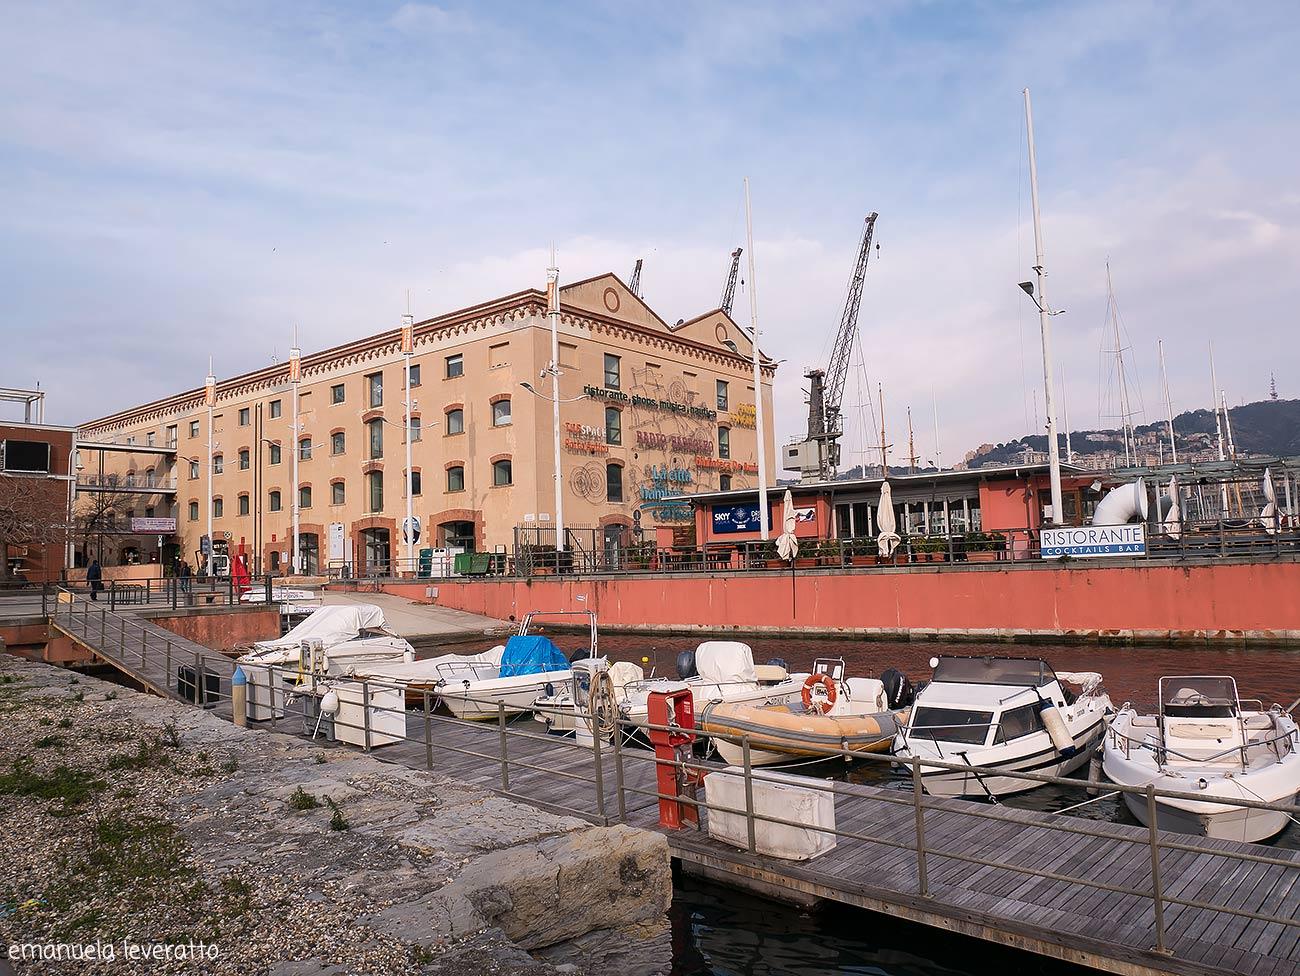 magazzini del cotone-porto antico di Genova (6)